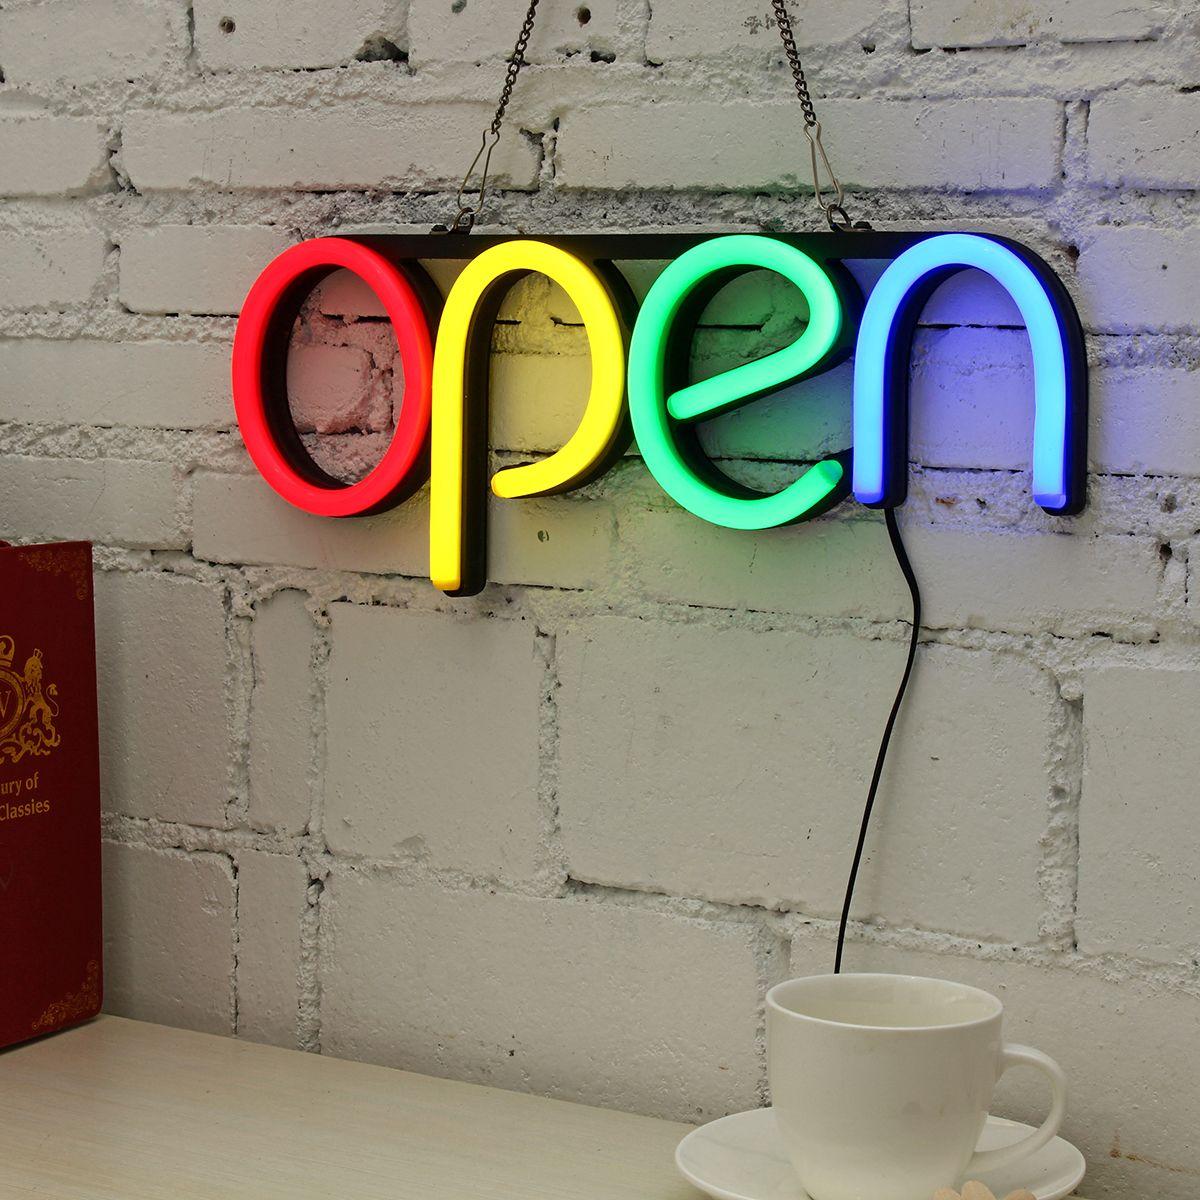 Neon Burcu LED Işık Tüp El Yapımı Görsel Yapıt Bar Kulübü KTV Duvar Dekorasyon Ticari Aydınlatma Renkli Neon Ampuller